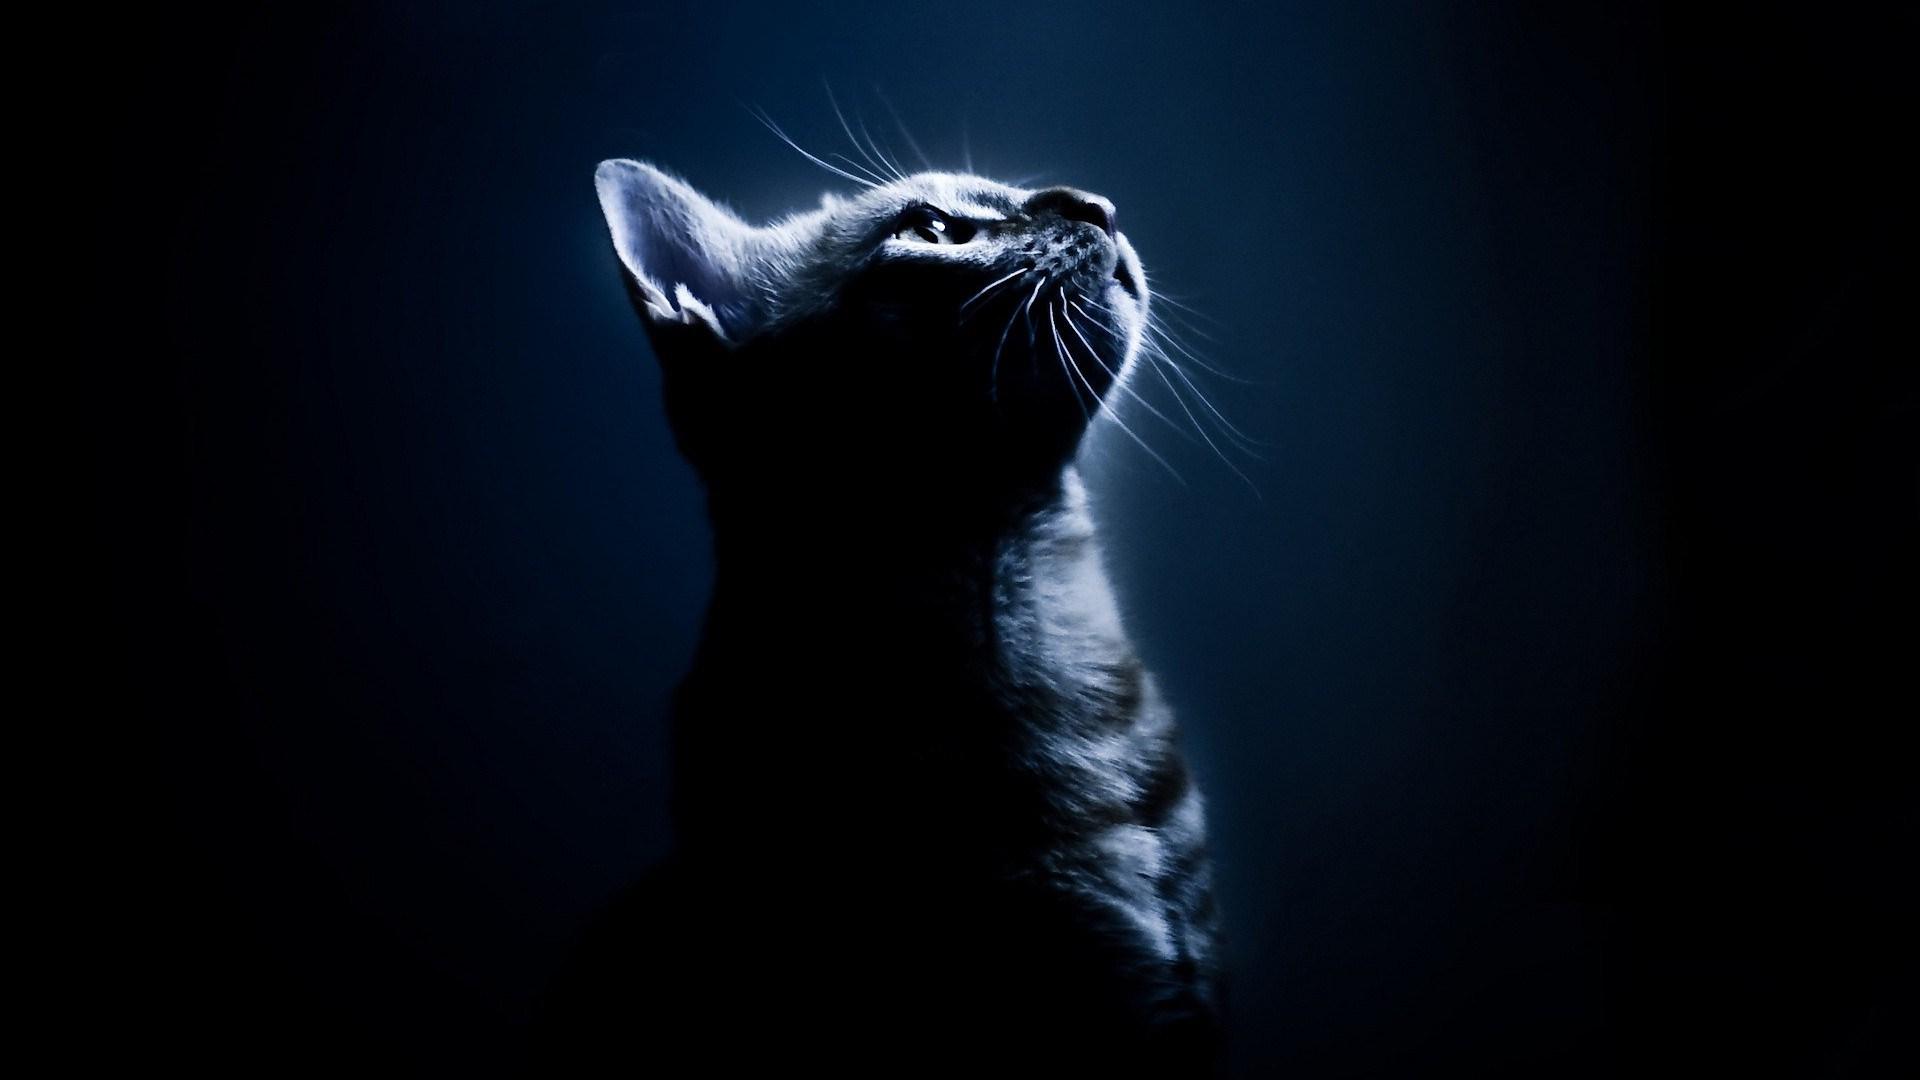 луна кот обои на рабочий стол № 573609 без смс